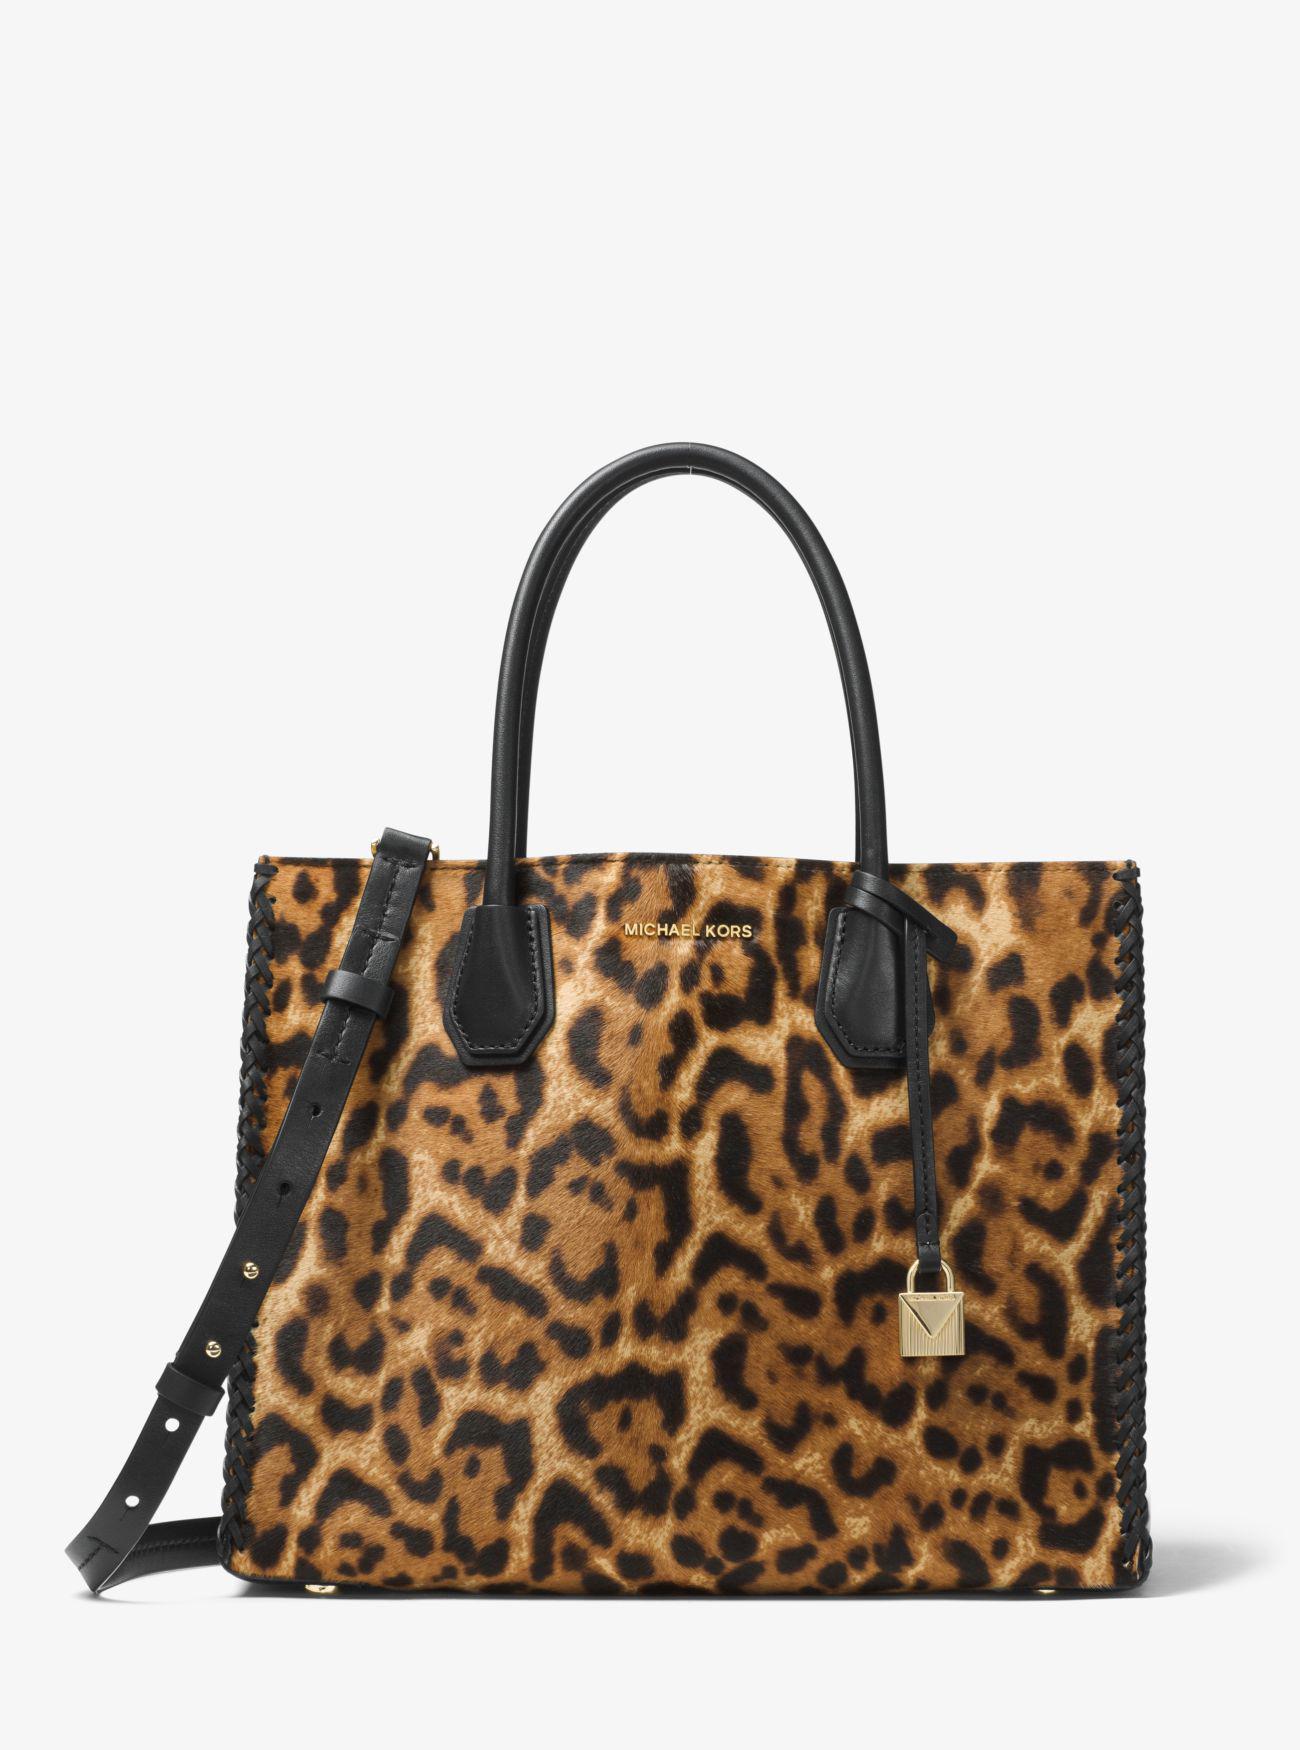 9deb862b5494 ... low price michael kors mercer leopard calf hair tote in brown lyst michael  kors bag a9a8e